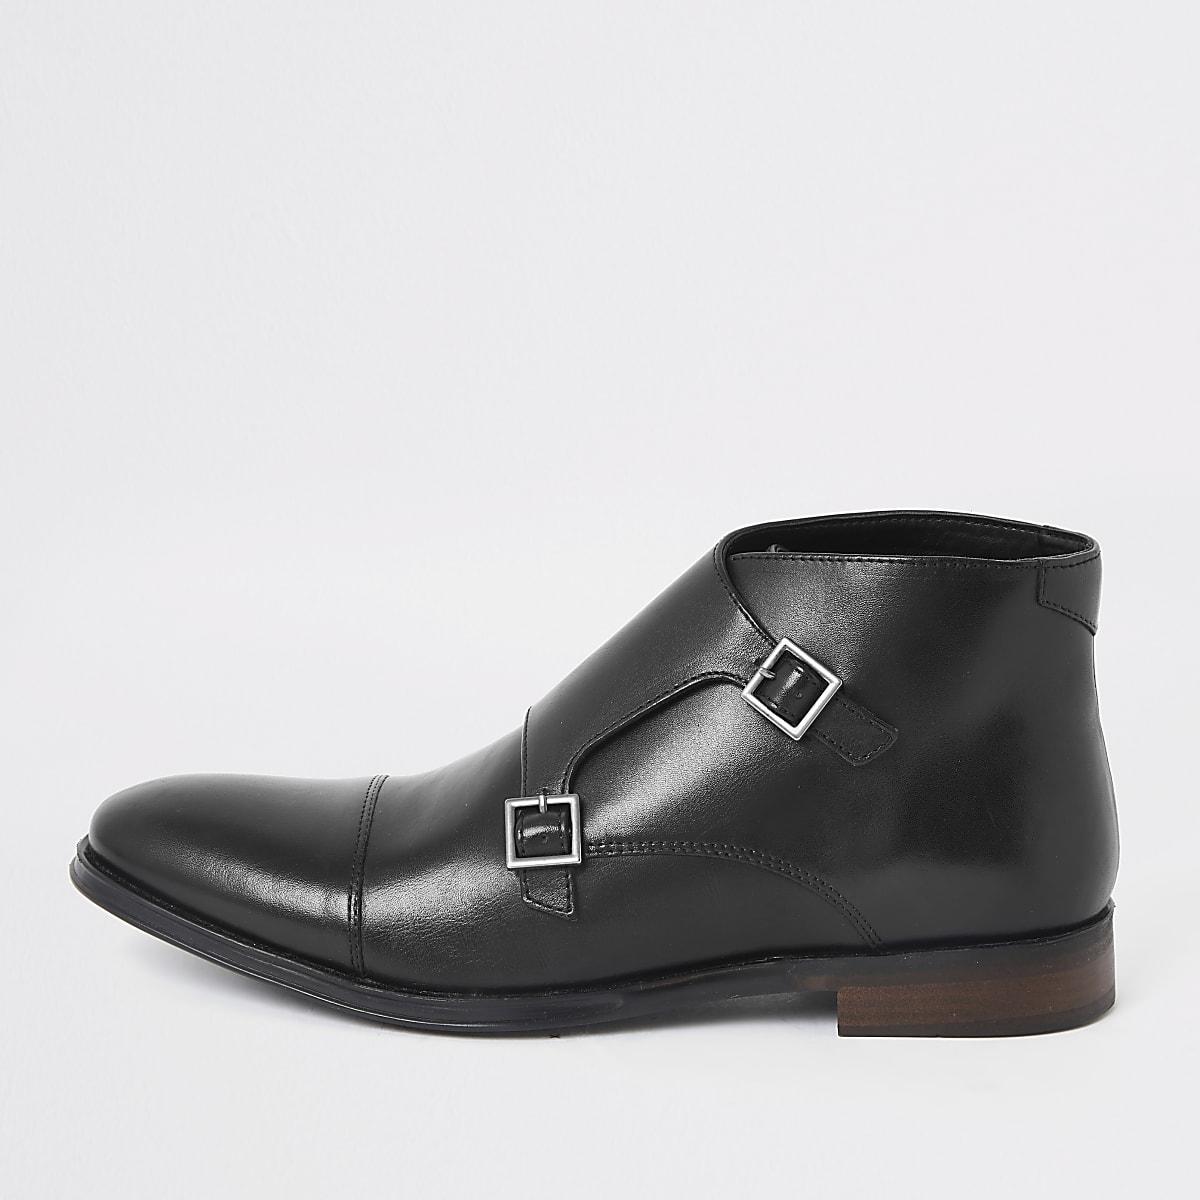 Zwarte leren laarzen met dubbele gesp